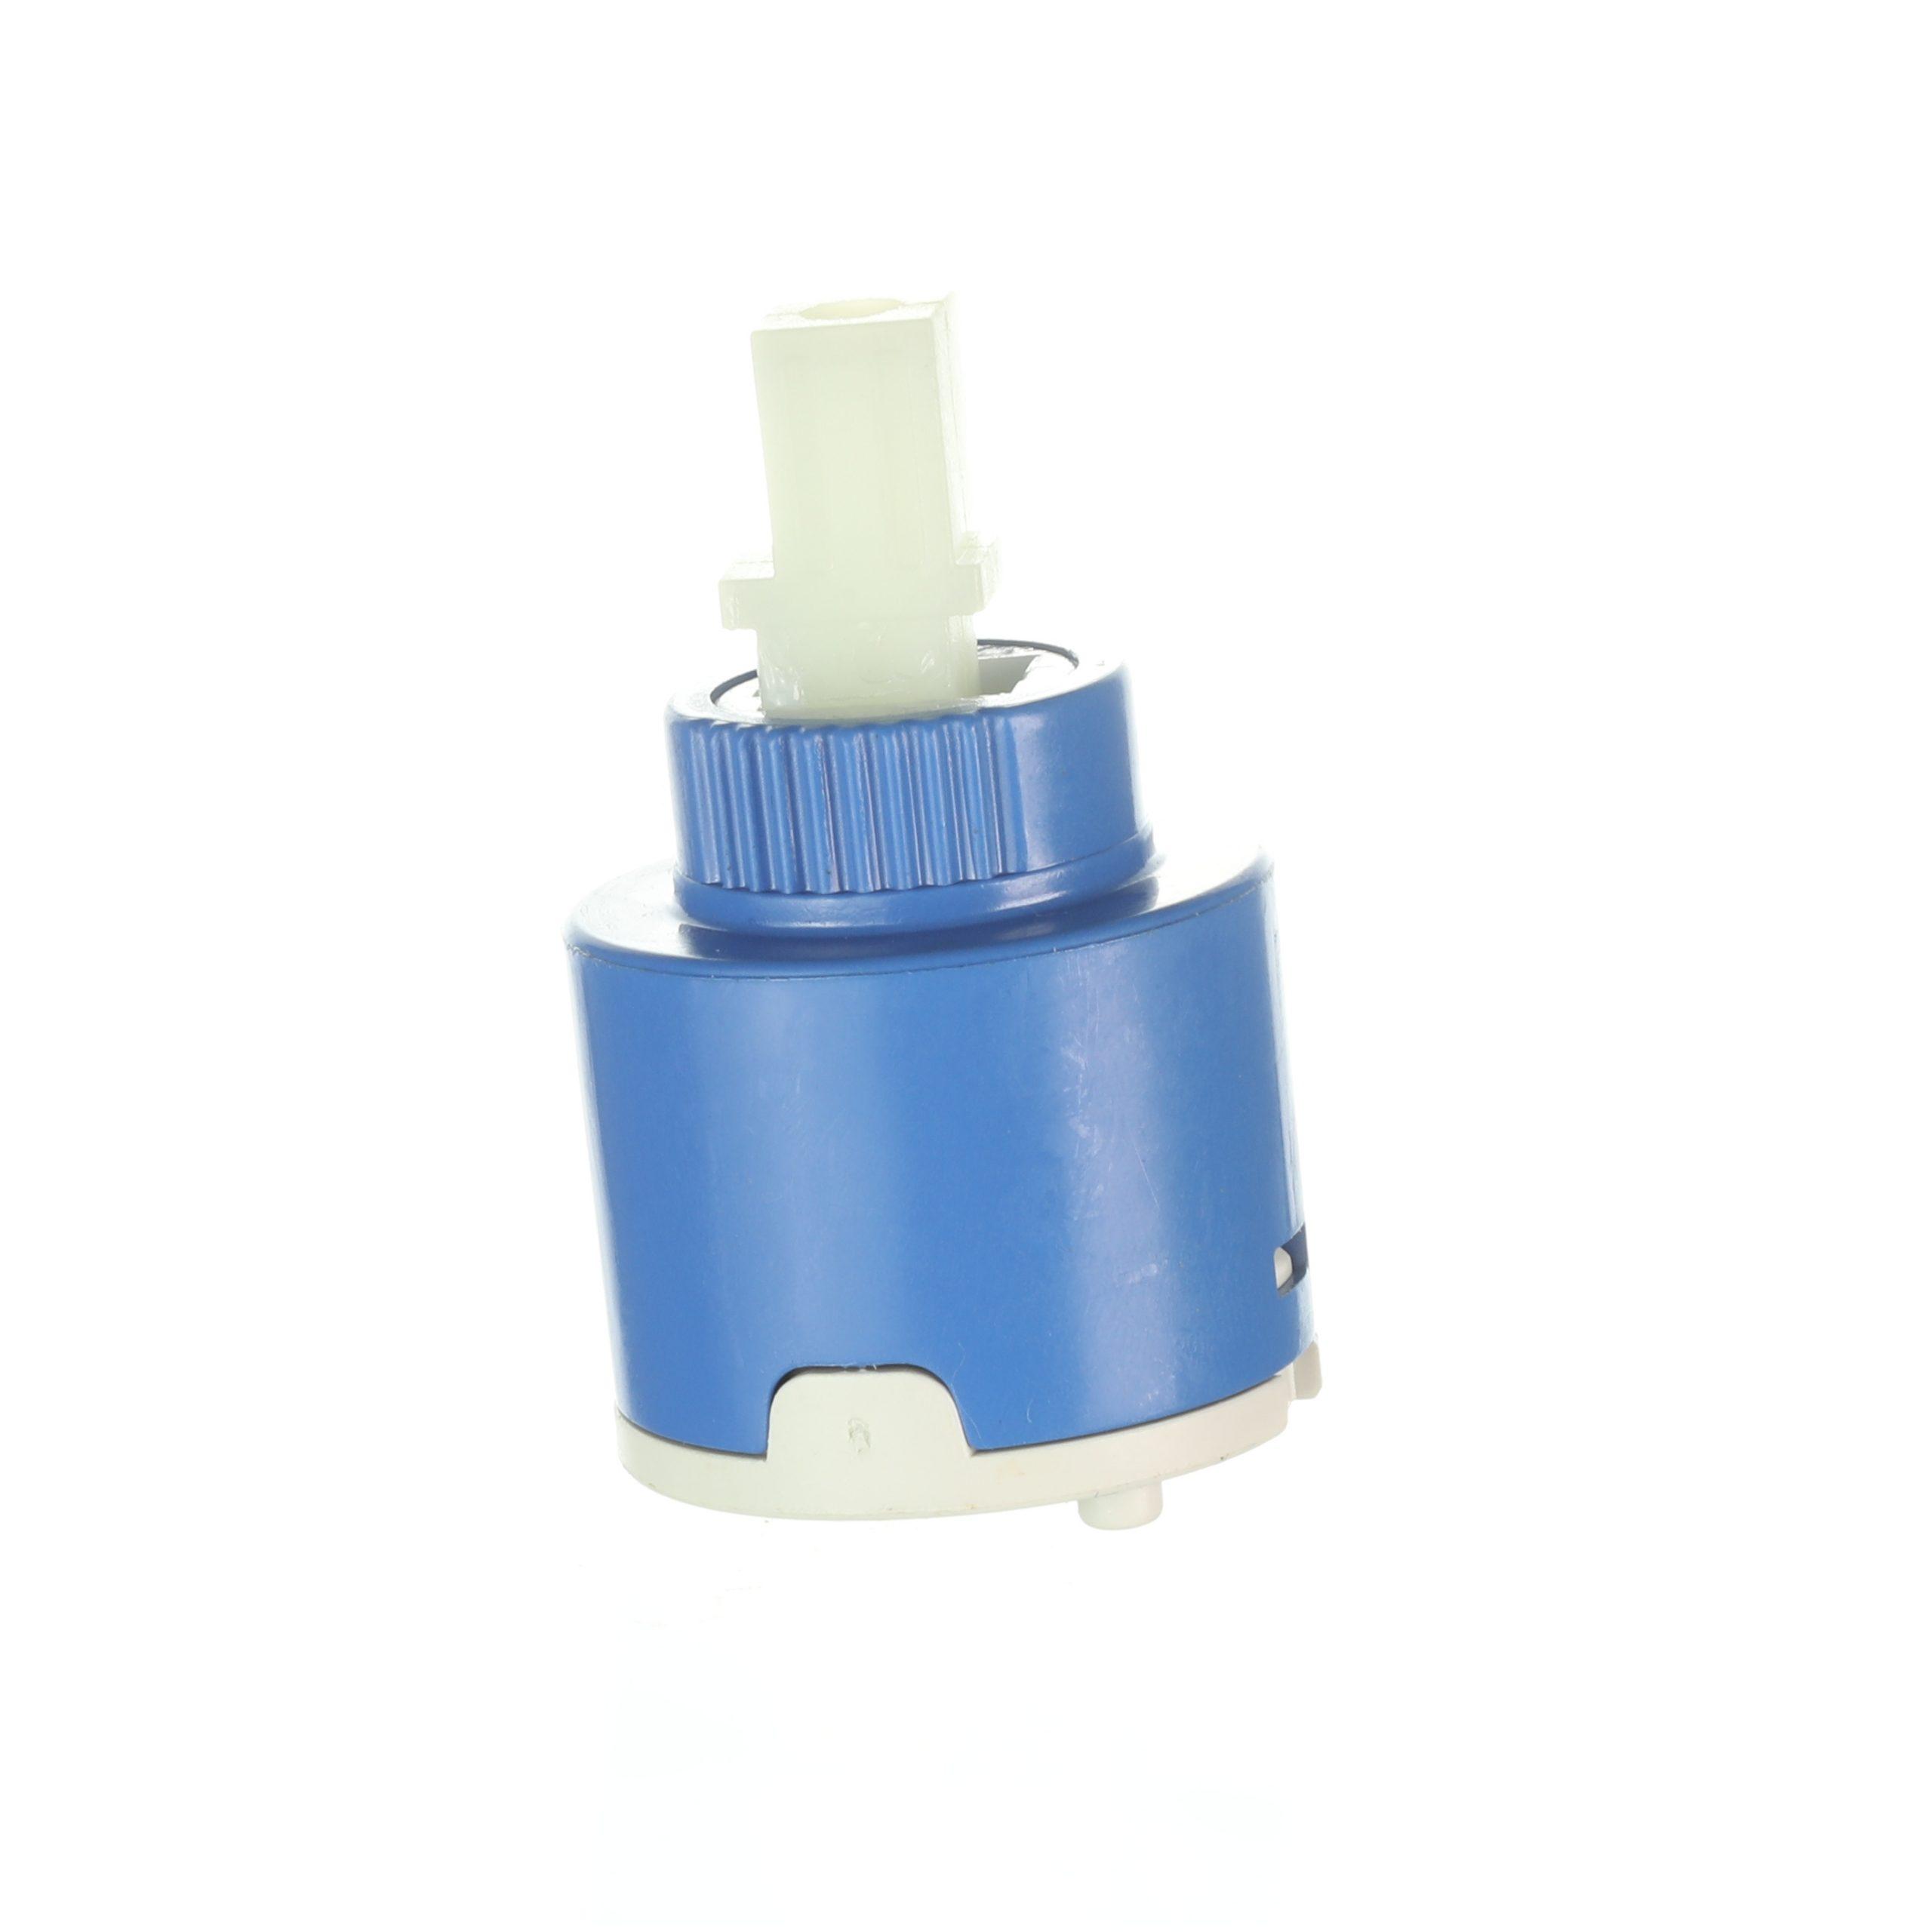 Gb 1 Ceramic Cartridge For Aquasource